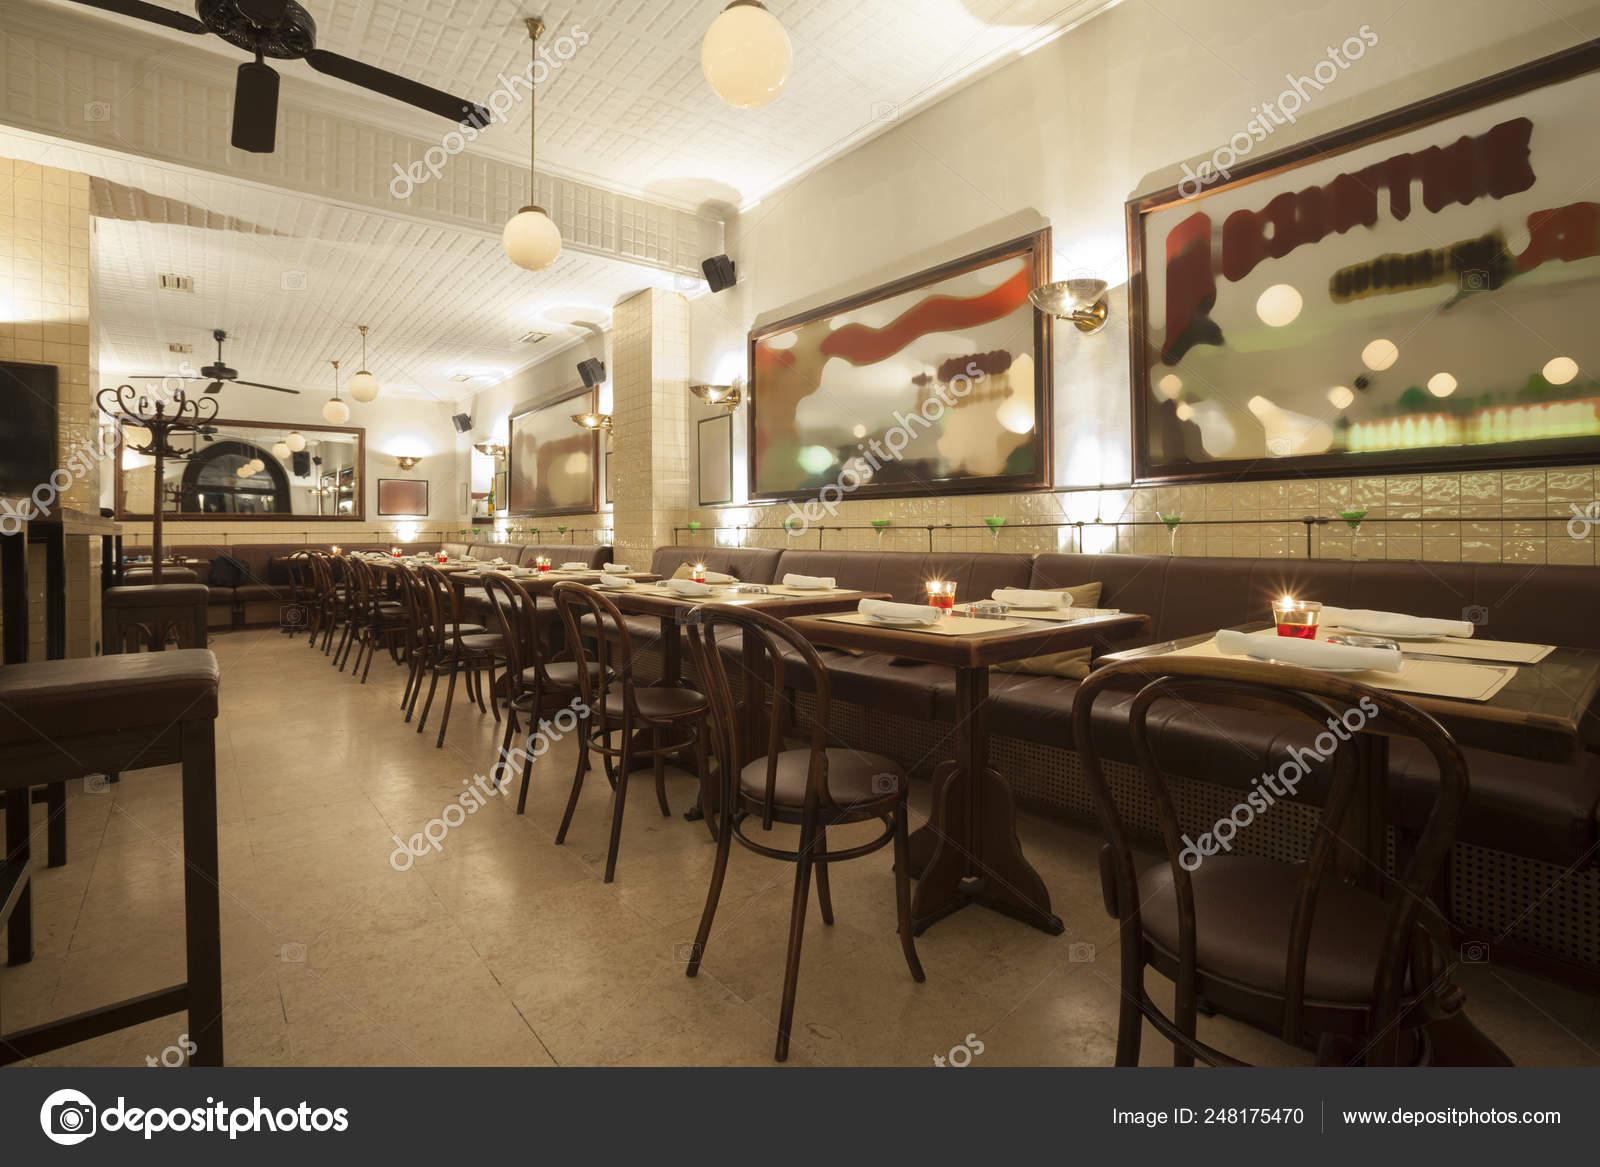 Stylish Modern Design Cafe Bar Vintage Style Stock Photo C Arizanko 248175470